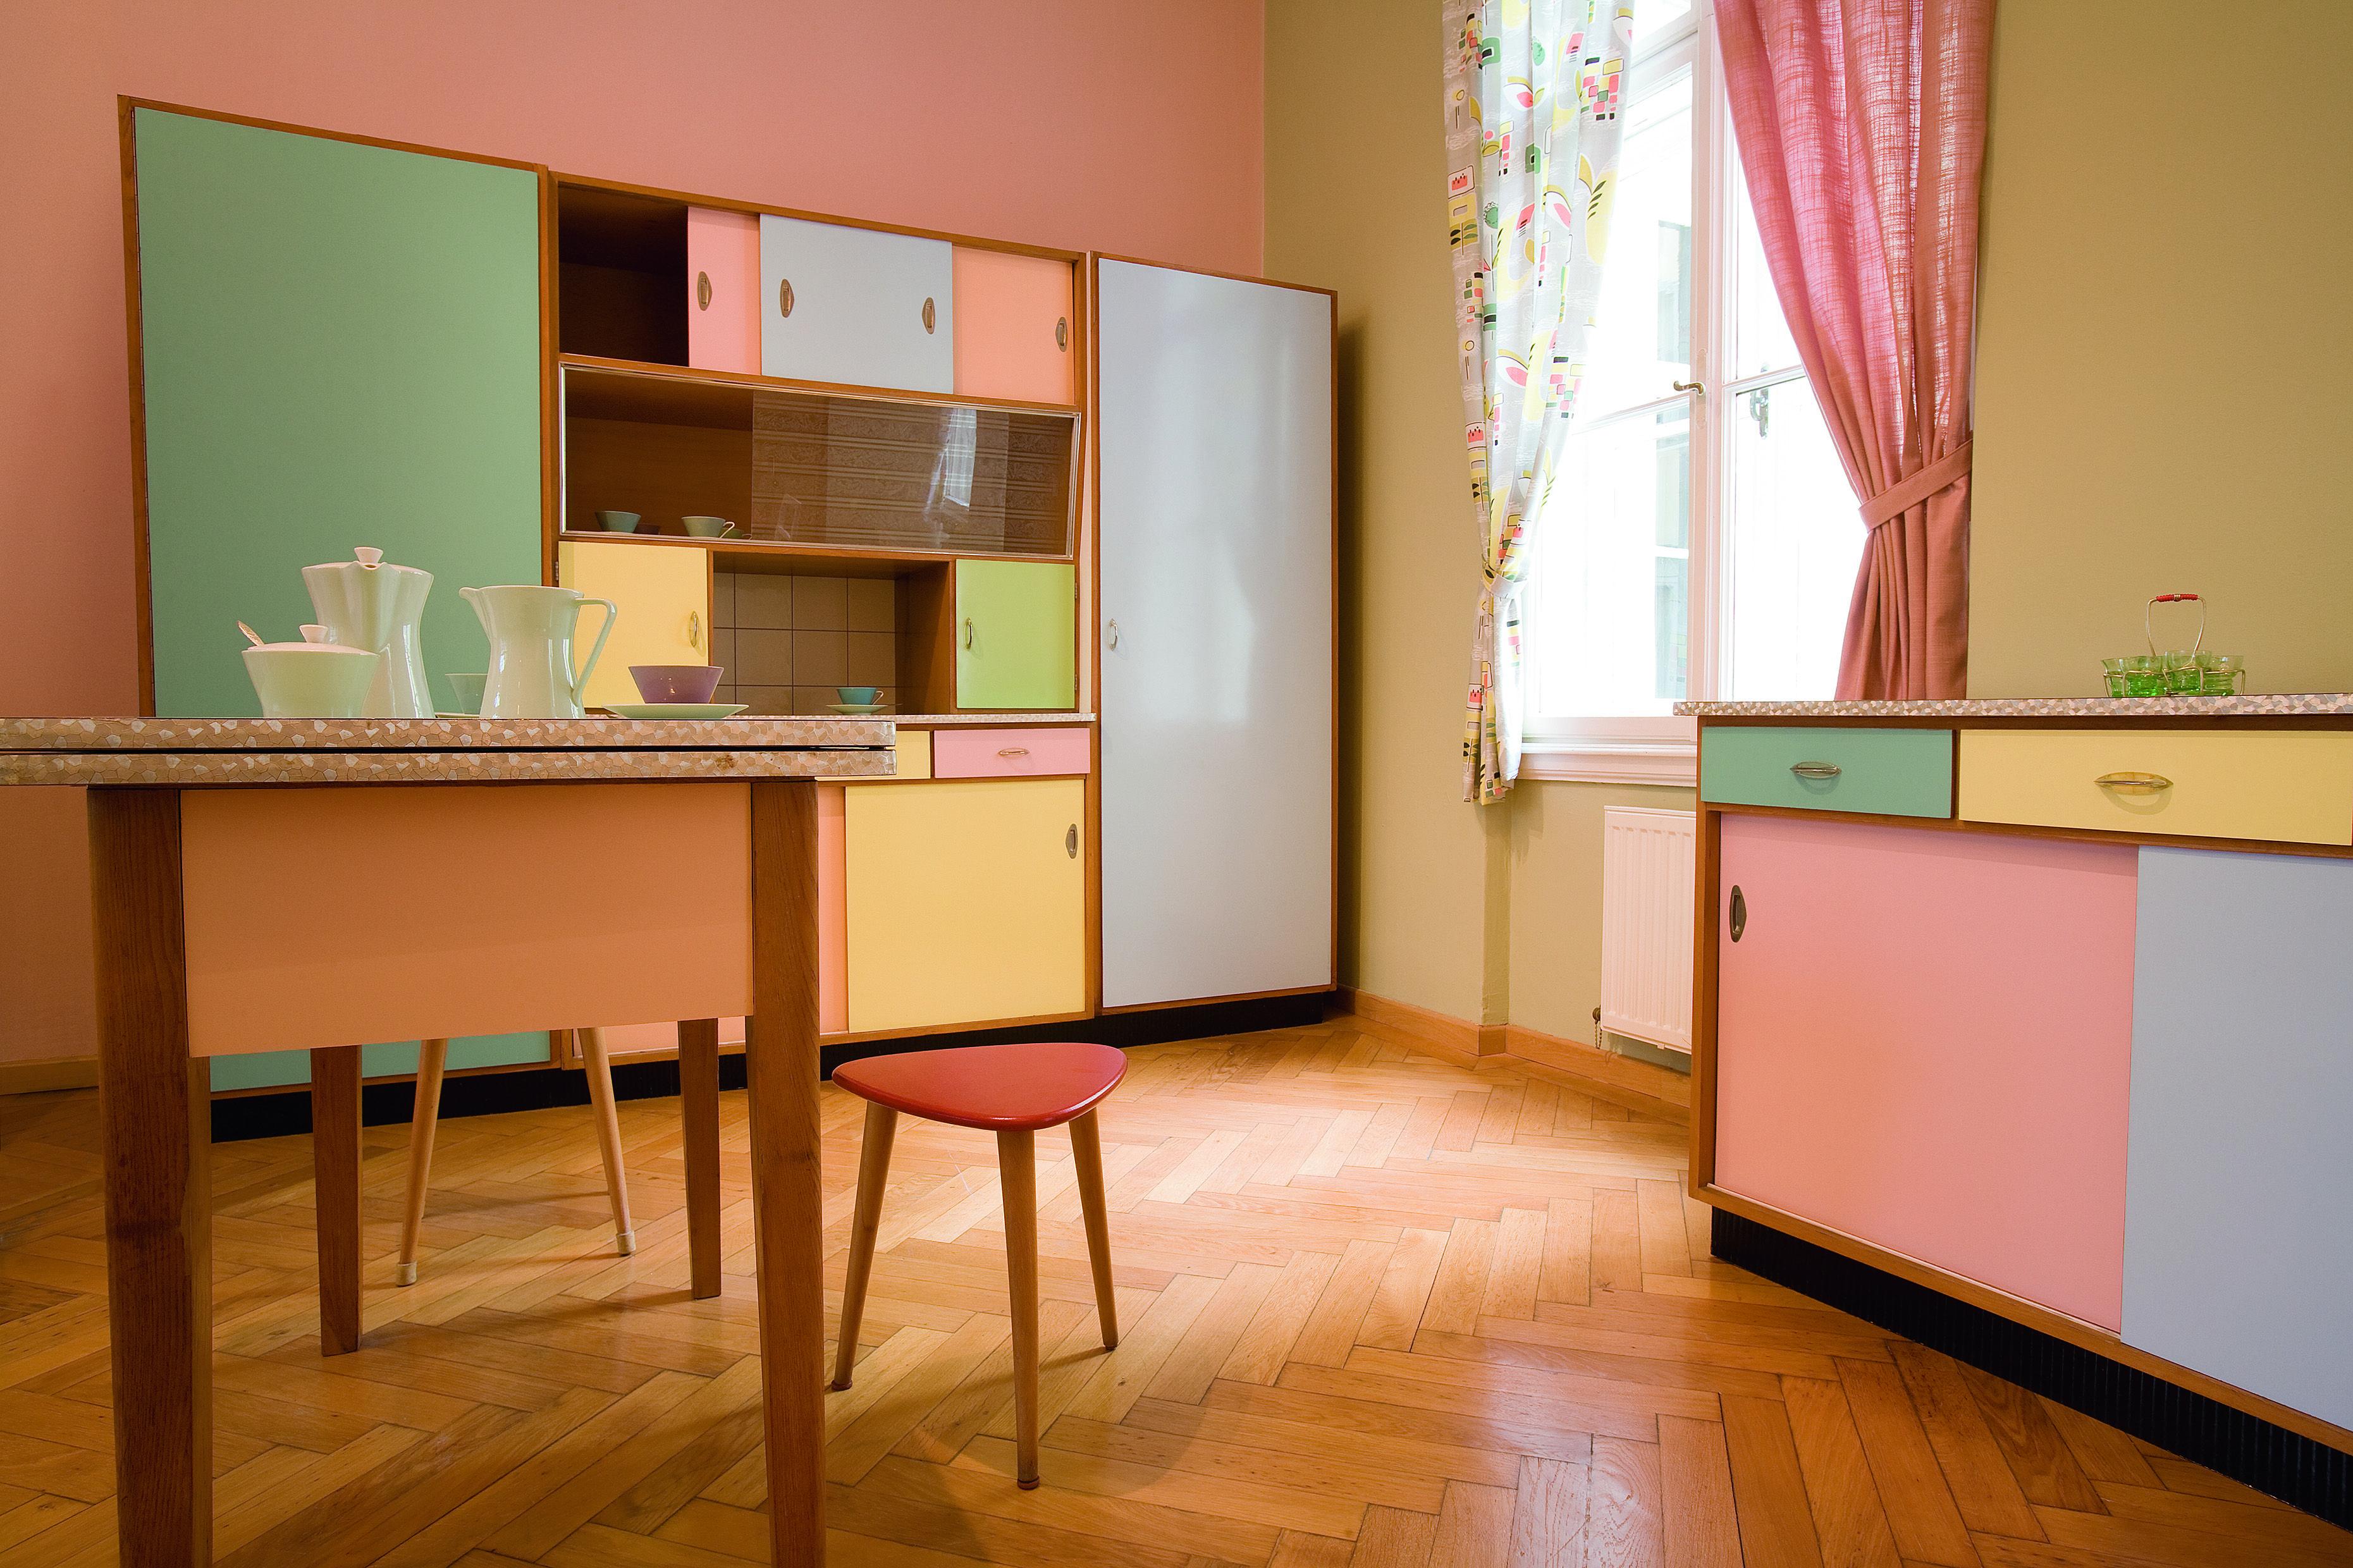 Küchen Design 50er Jahre | Vintage Kitchen Hook Border 3 Towel Hooks ...